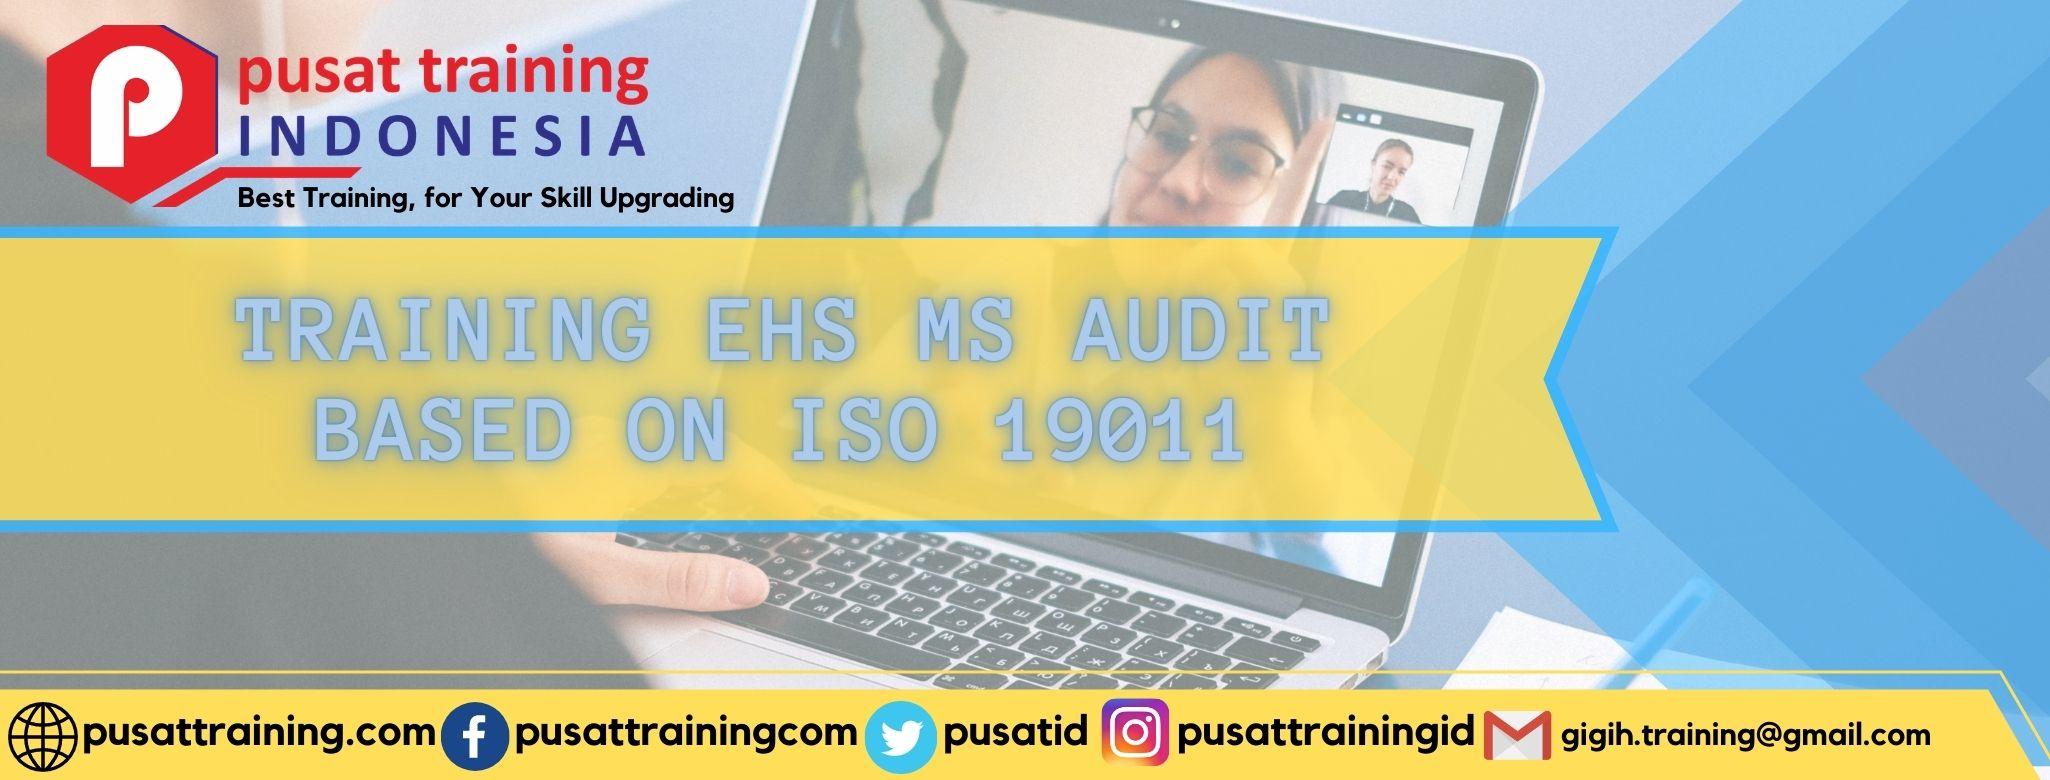 TRAINING EHS MS AUDIT BASED ON ISO 19011